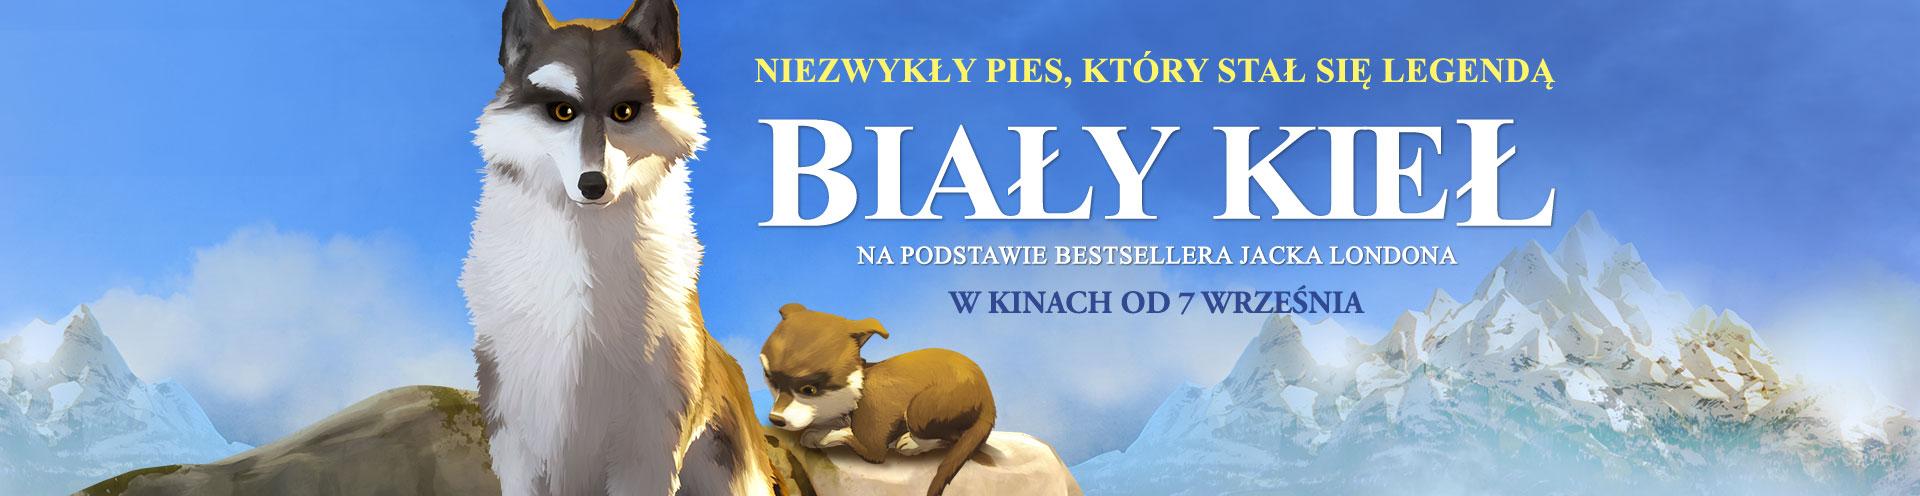 bialy_kiel.jpg